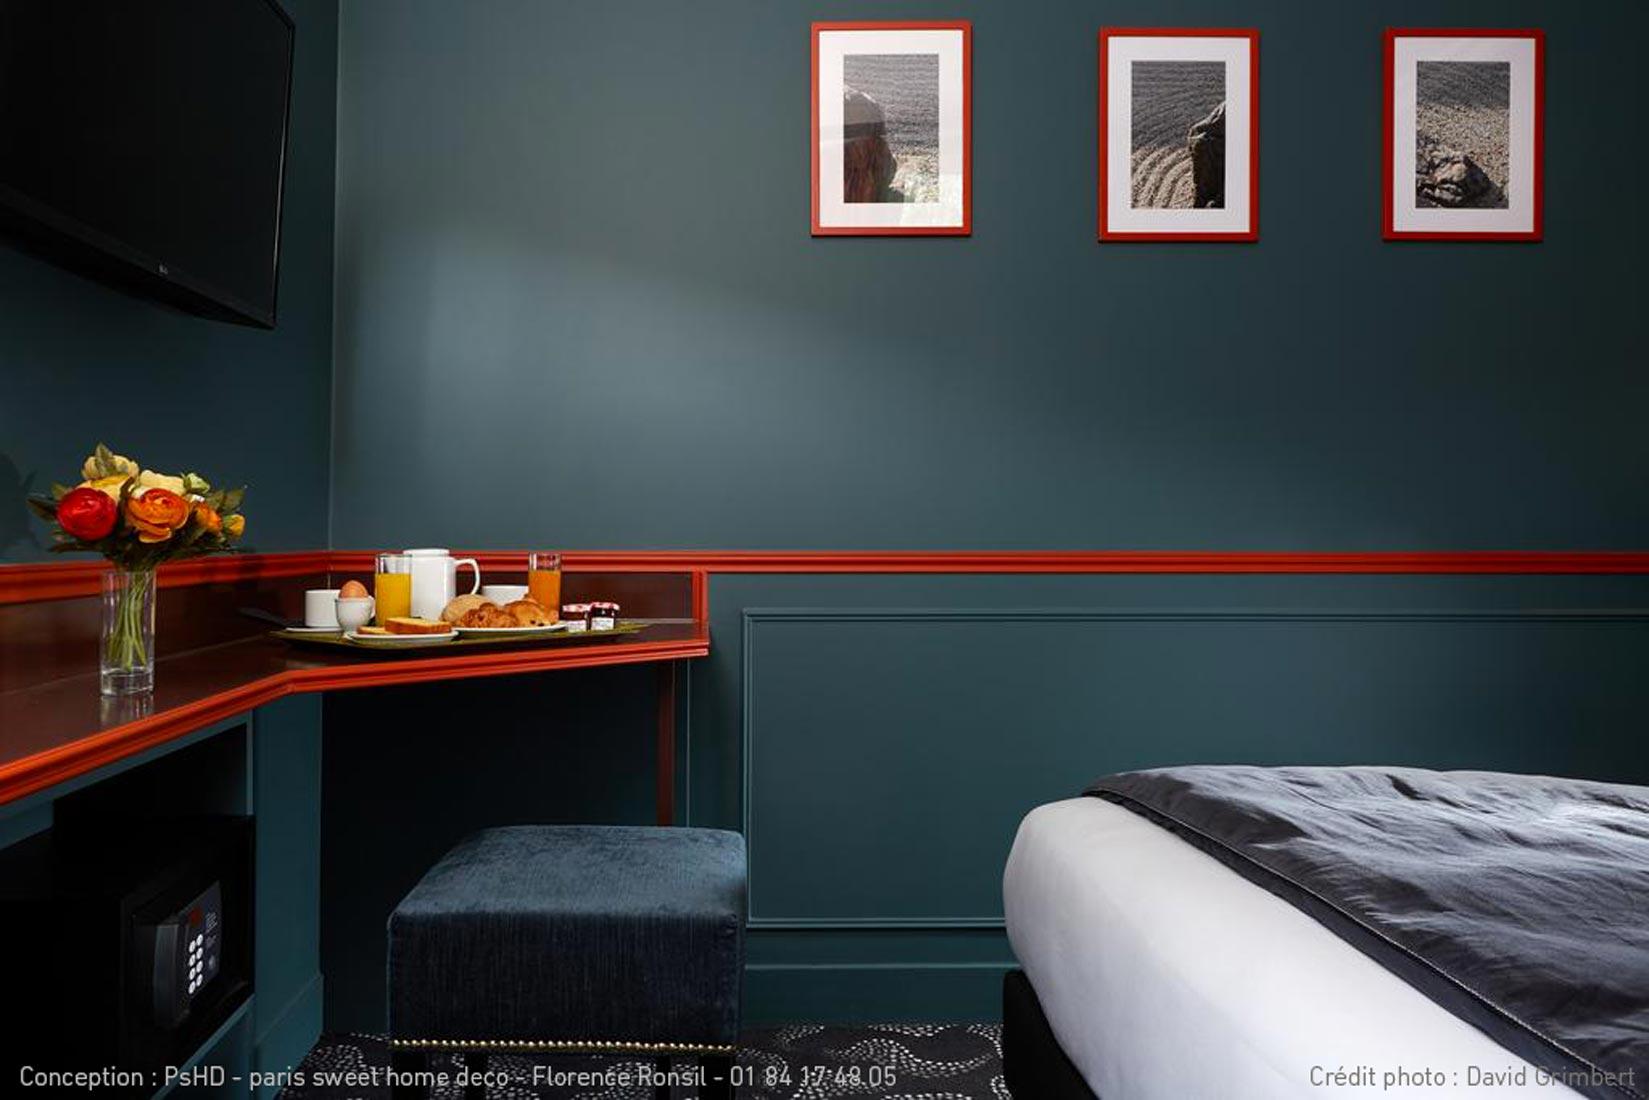 paris sweet home deco HOTEL daguerre Montparnasse rénovation décoration chambre